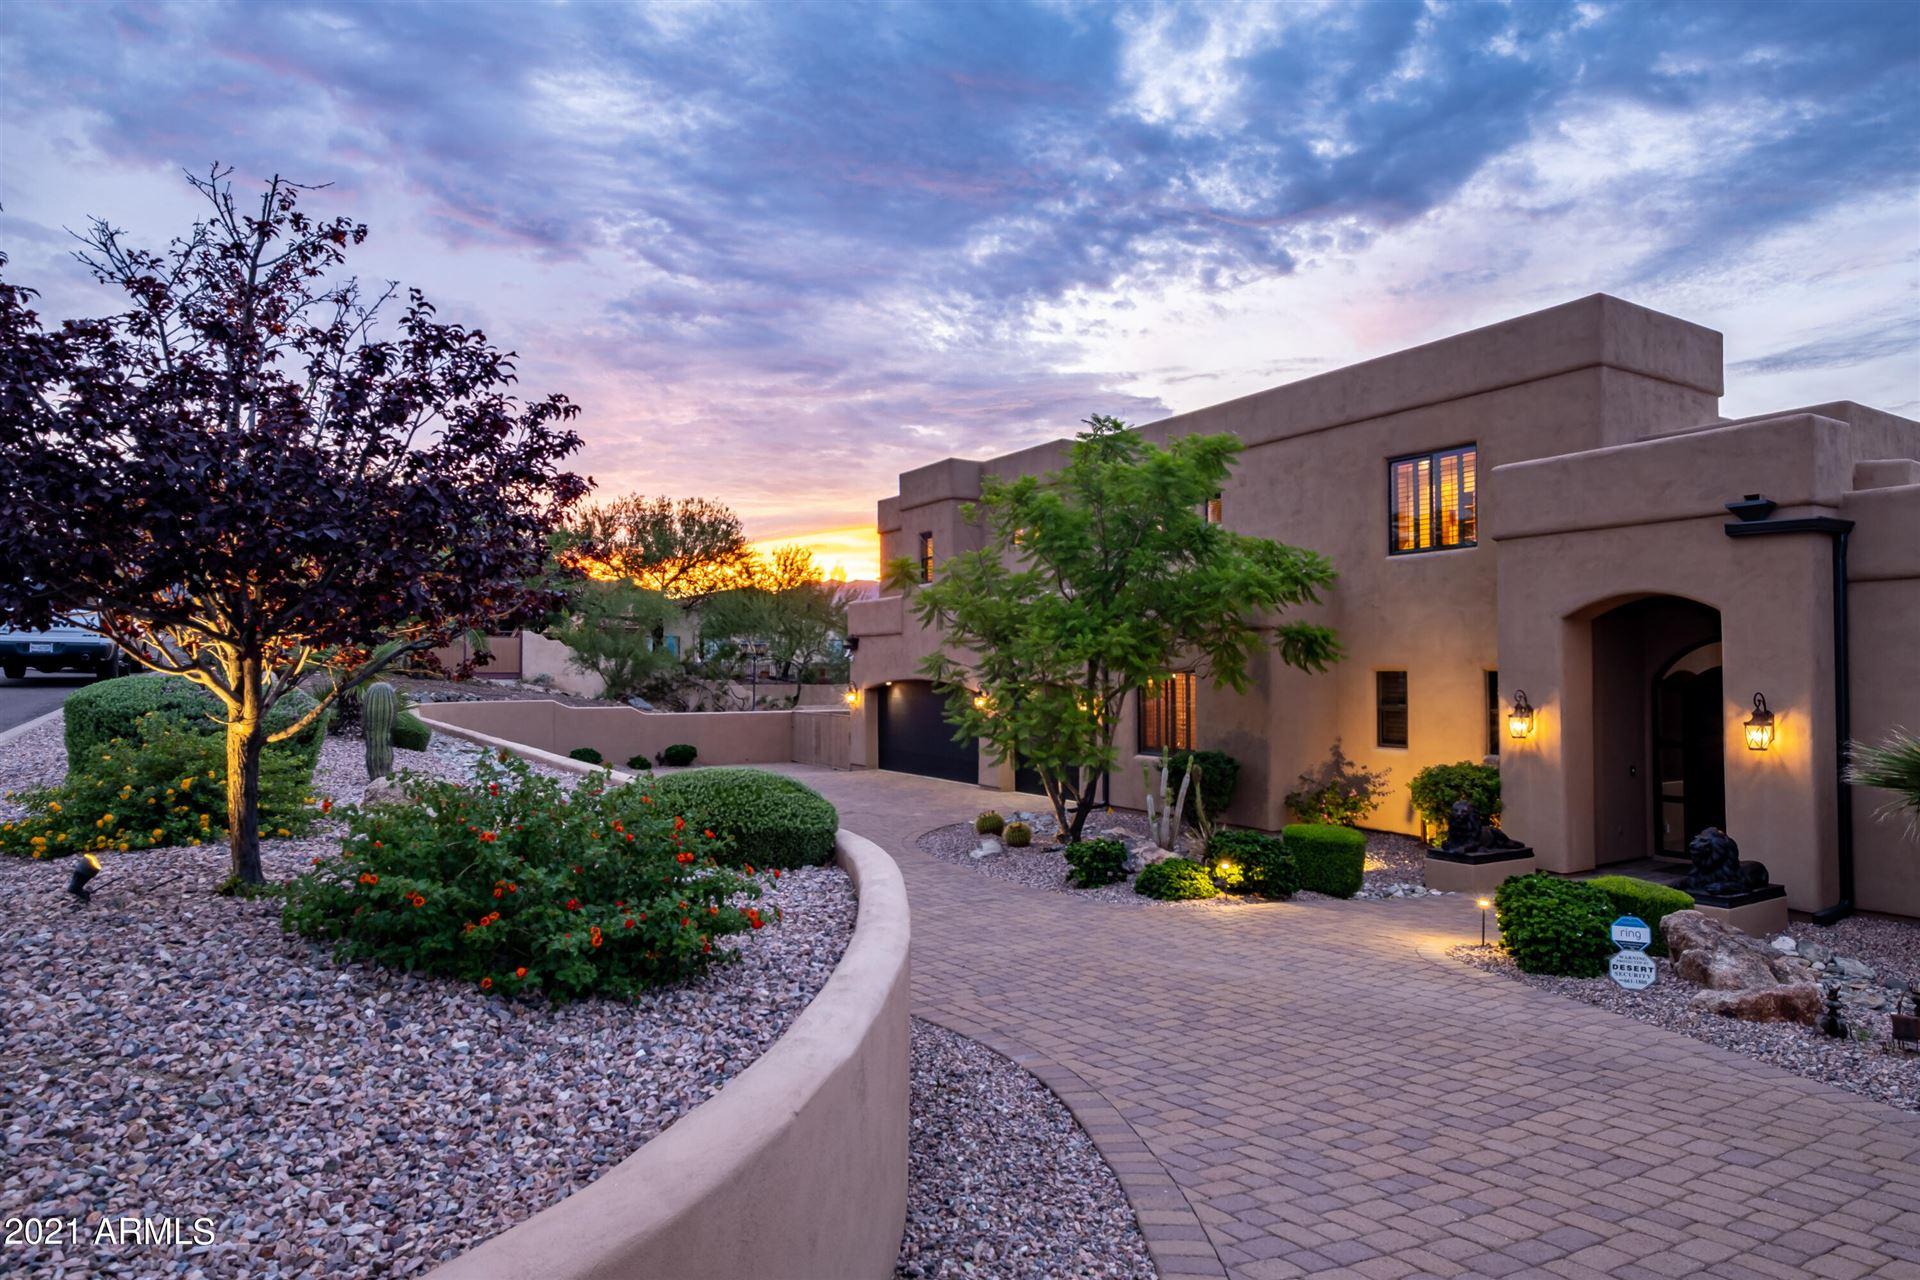 Photo of 14832 E CERRO ALTO Drive, Fountain Hills, AZ 85268 (MLS # 6263096)